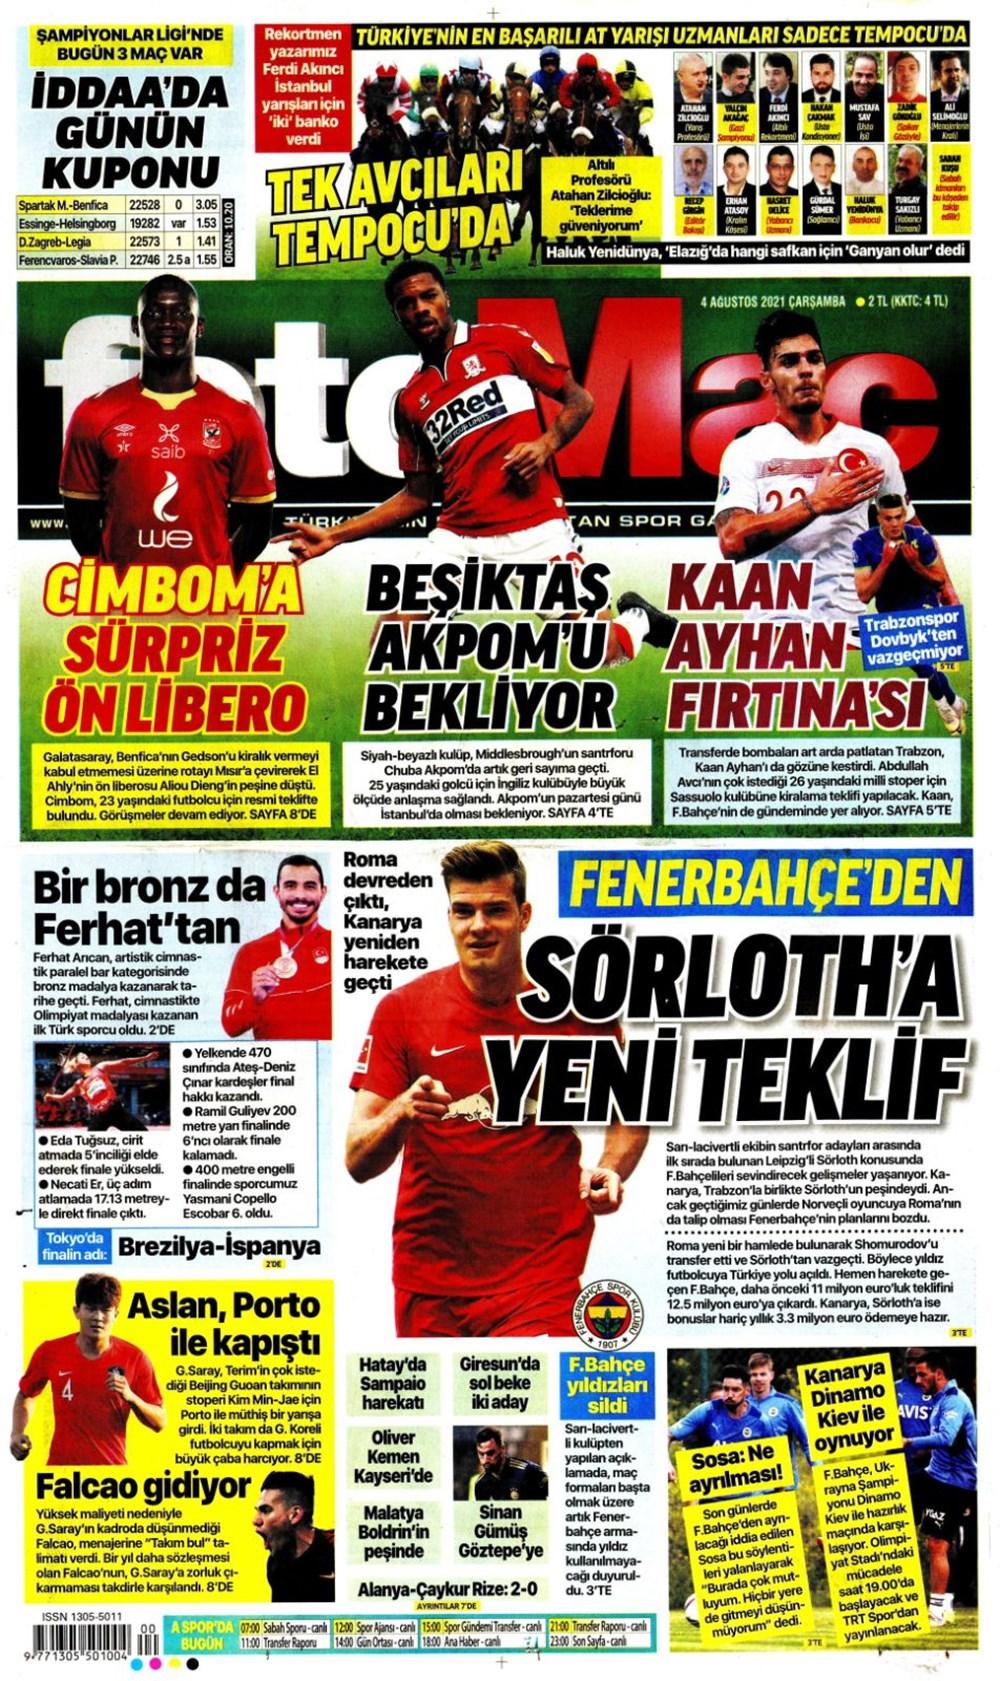 Günün spor manşetleri (4 Ağustos 2021) - 4